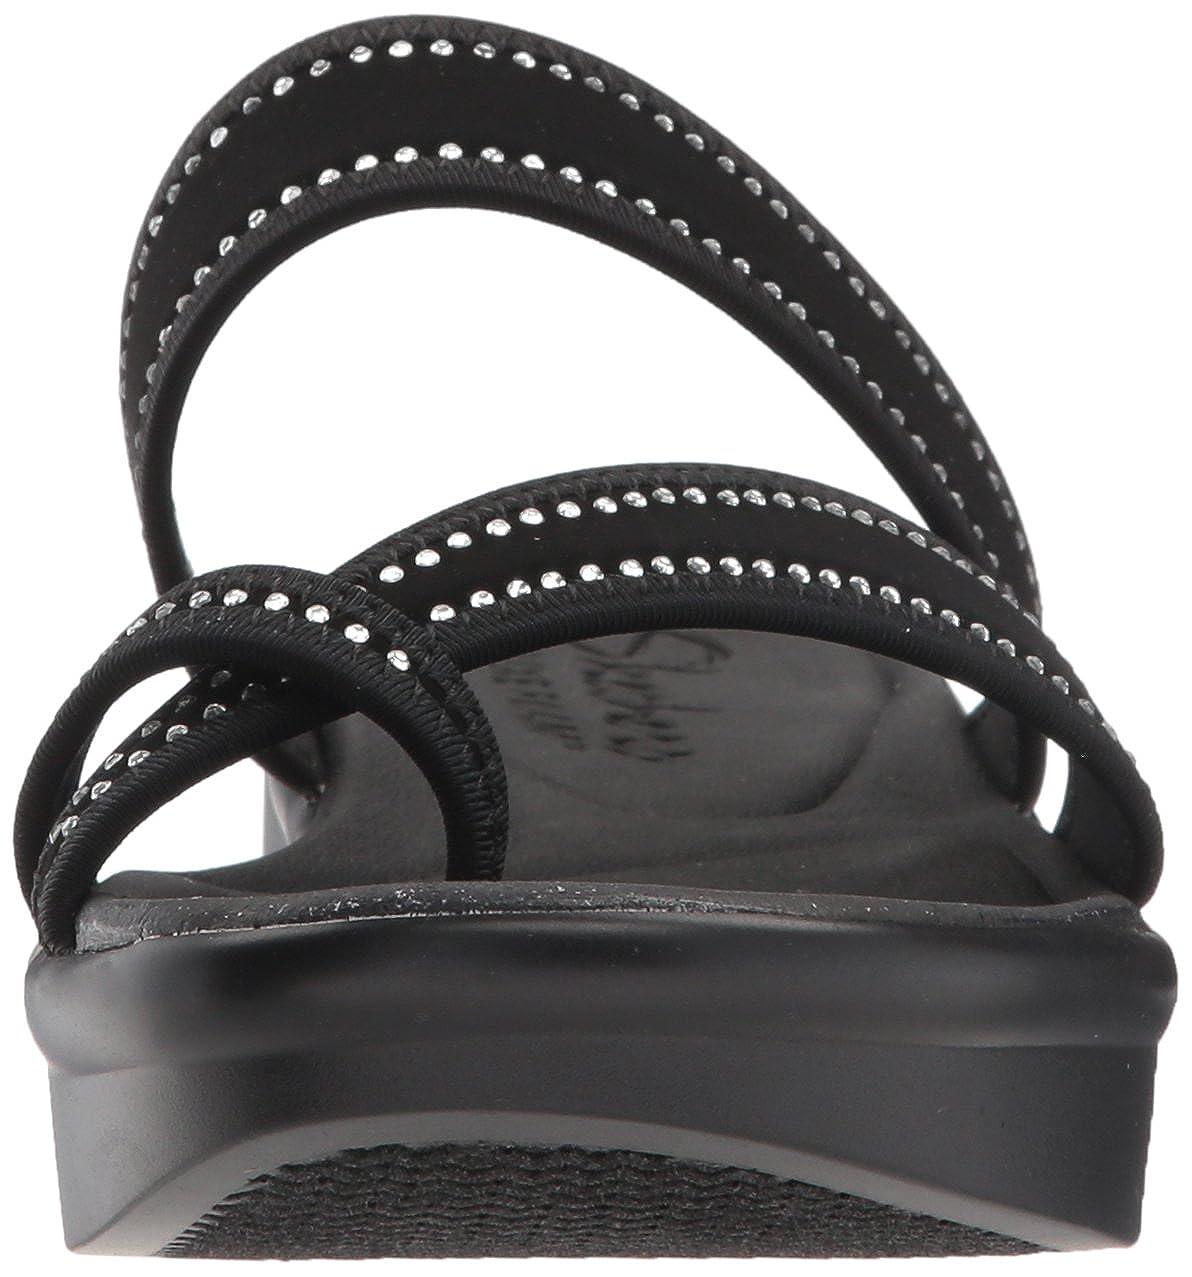 65e1b96d7d79 Amazon.com  Skechers Women s Bumblers-Steady Rock Flip-Flop  Shoes